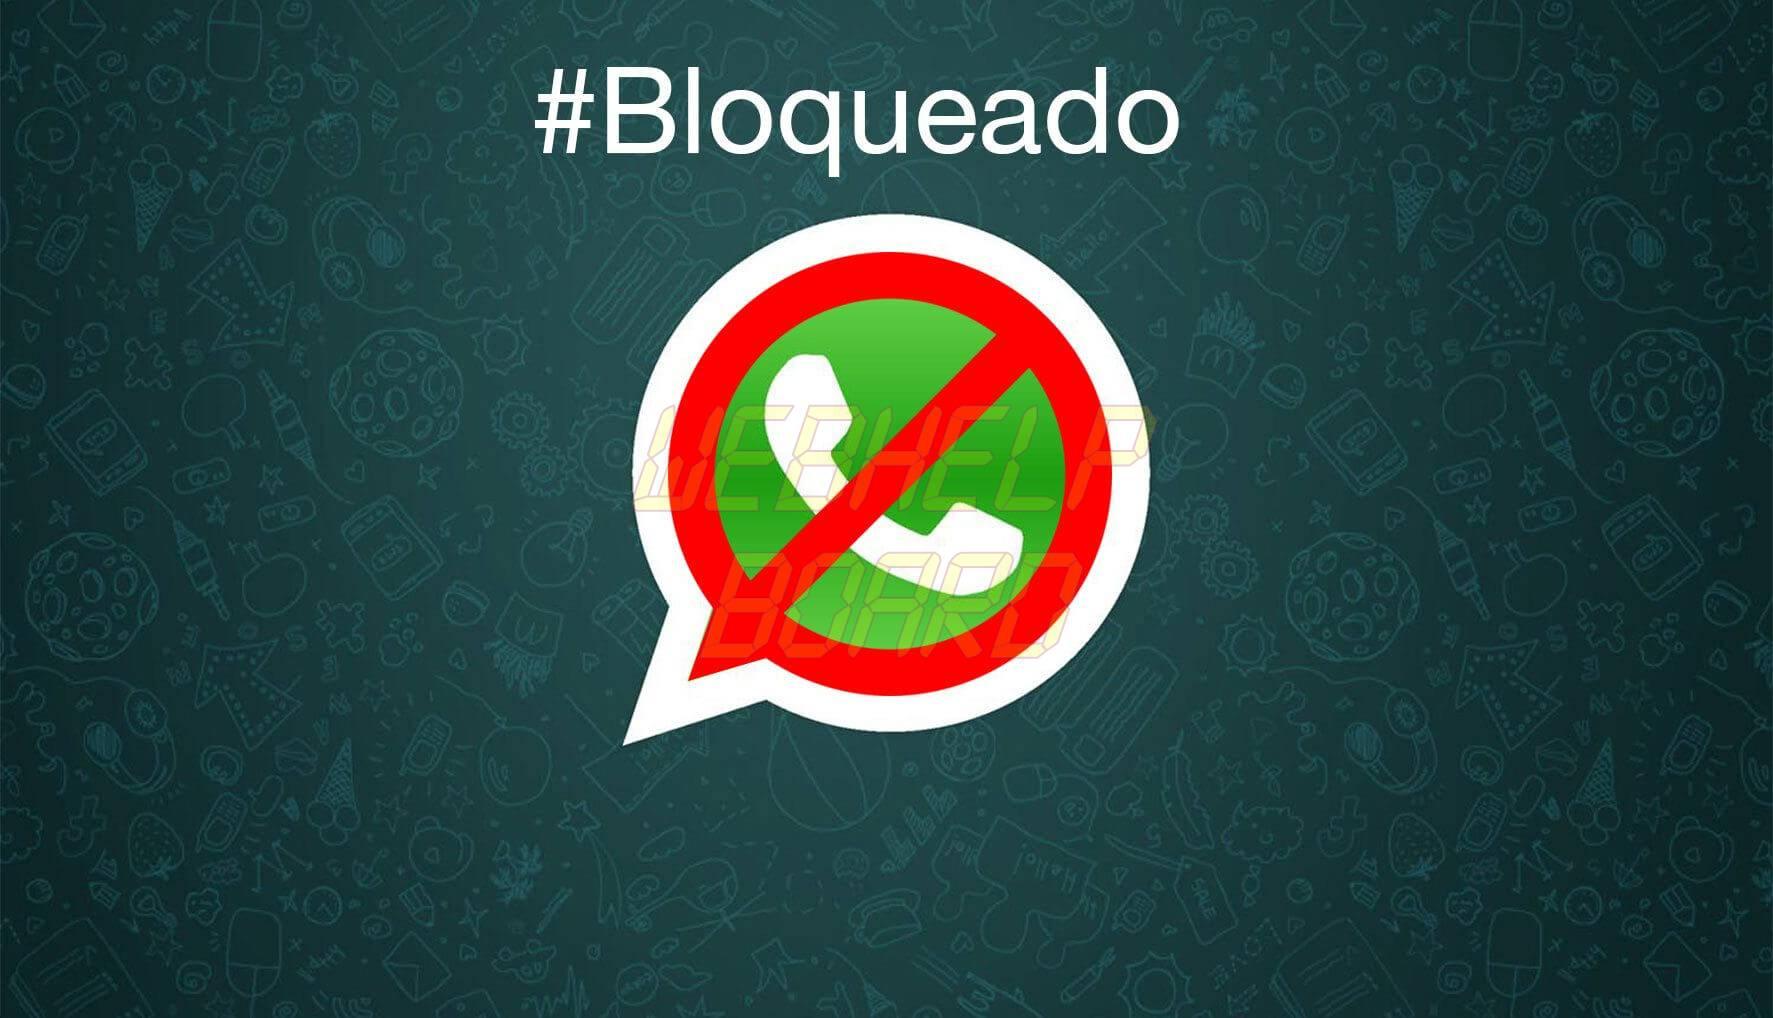 05 - WhatsApp: 4 maneiras de saber se você foi bloqueado